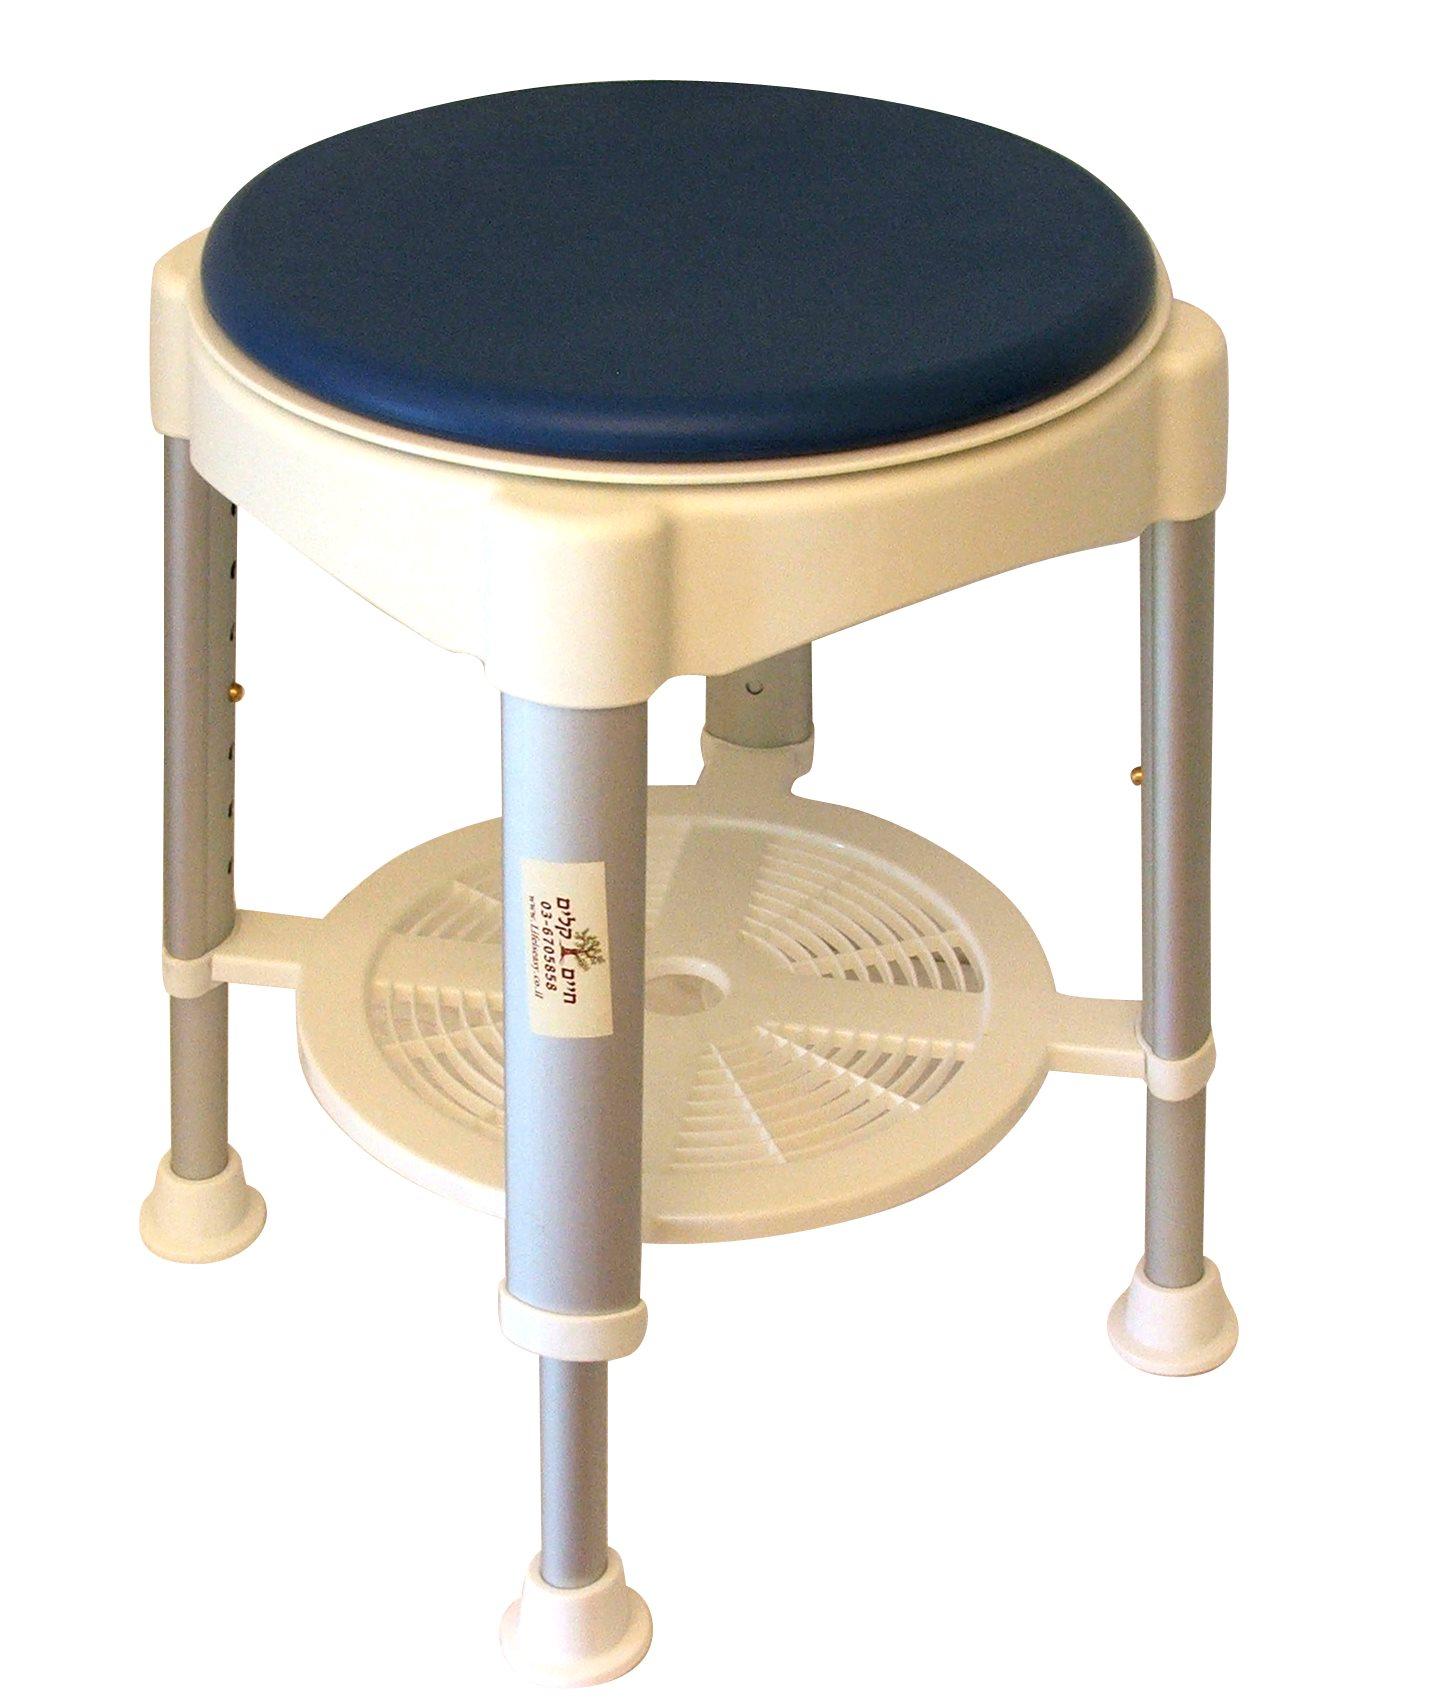 כסא מקלחת עם מושב מסתובב